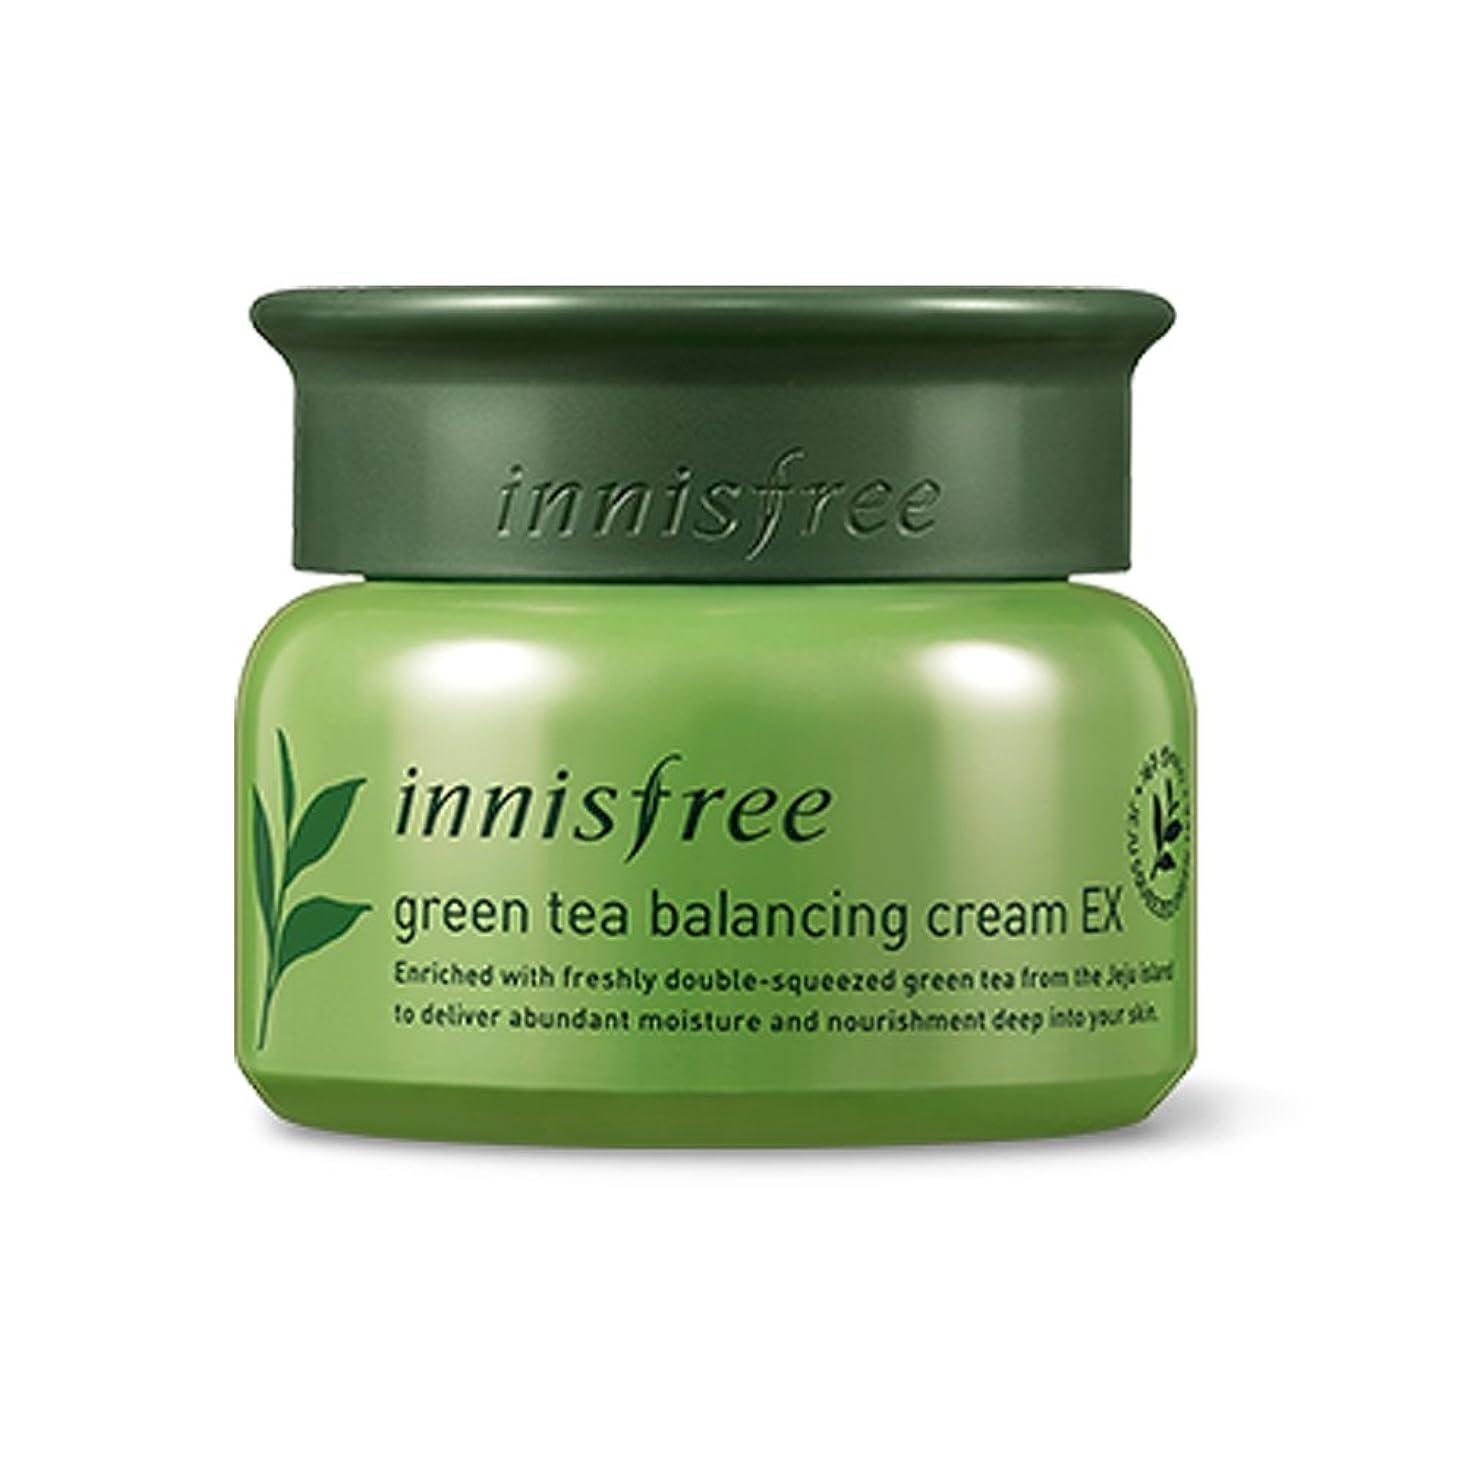 オーバーフロー情熱的不定イニスフリーグリーンティーバランスクリーム50ml「2018新製品」 Innisfree Green Tea Balancing Cream 50ml